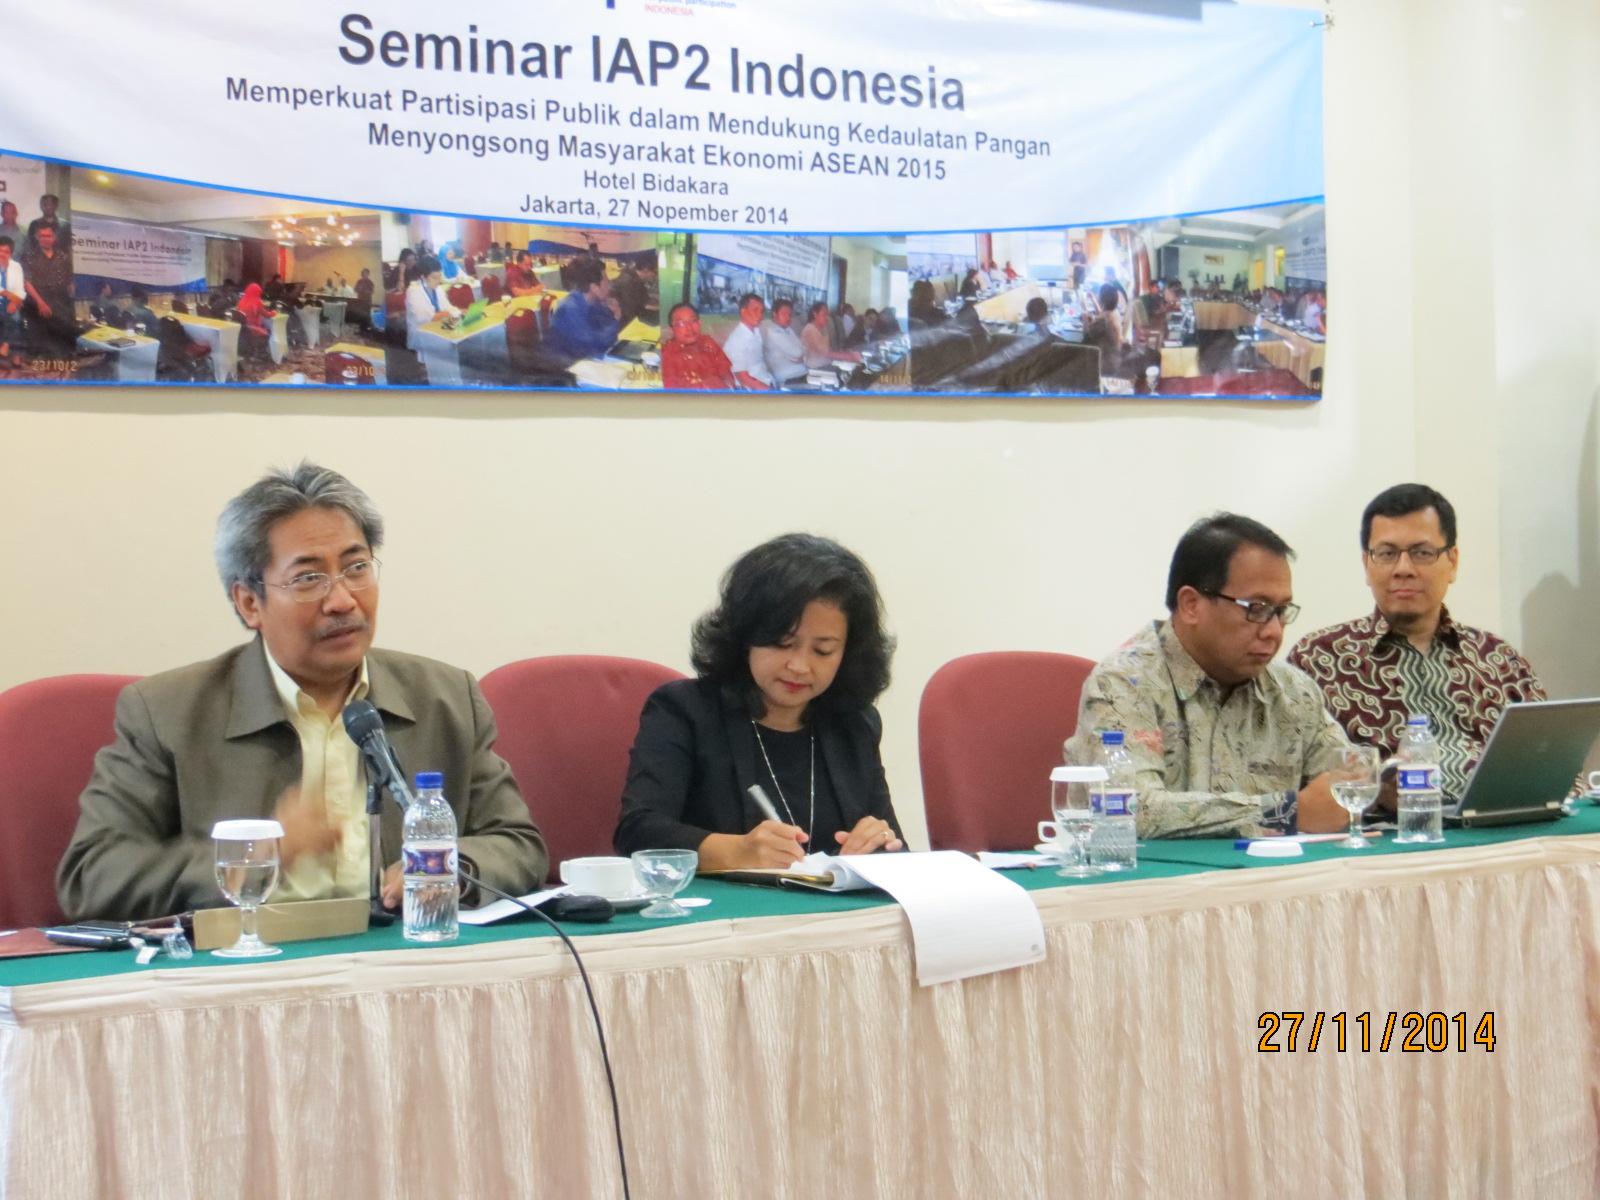 Seminar IAP2 Id 27 Nop 2014